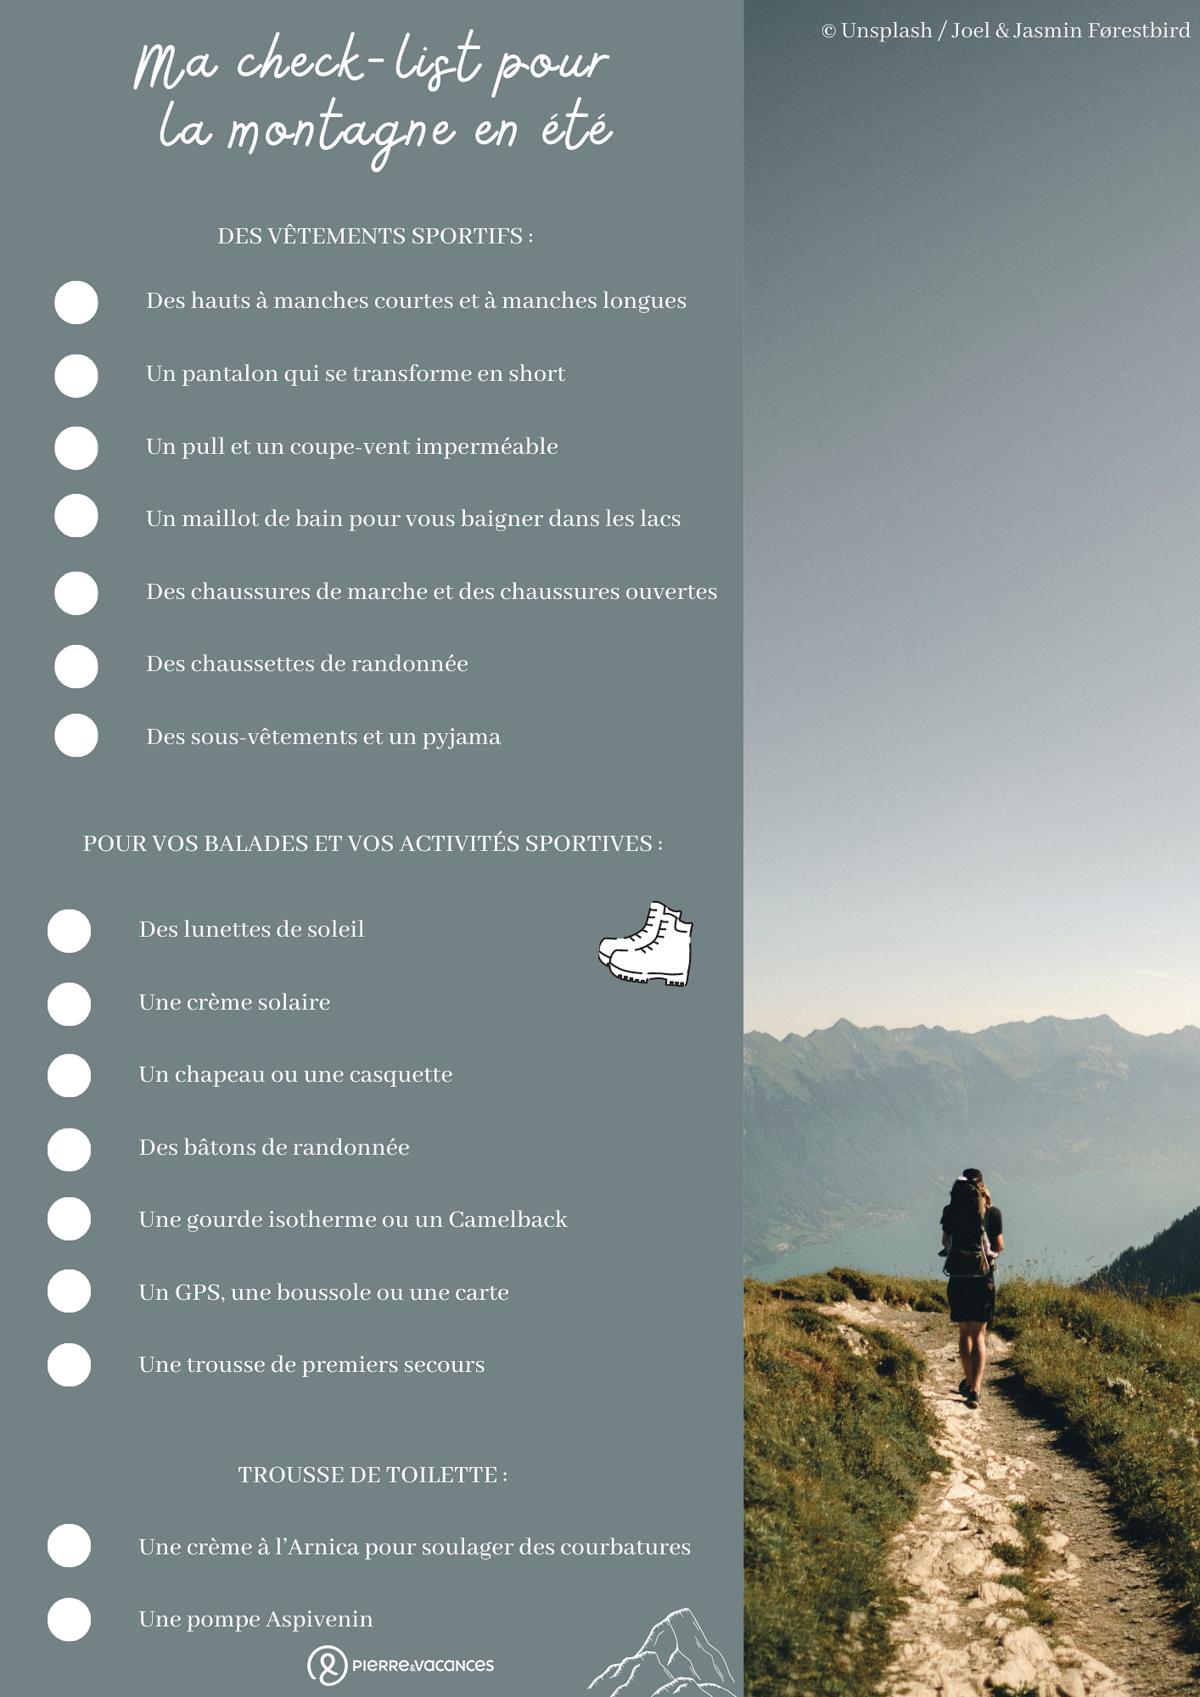 Check-list pour la montagne en été